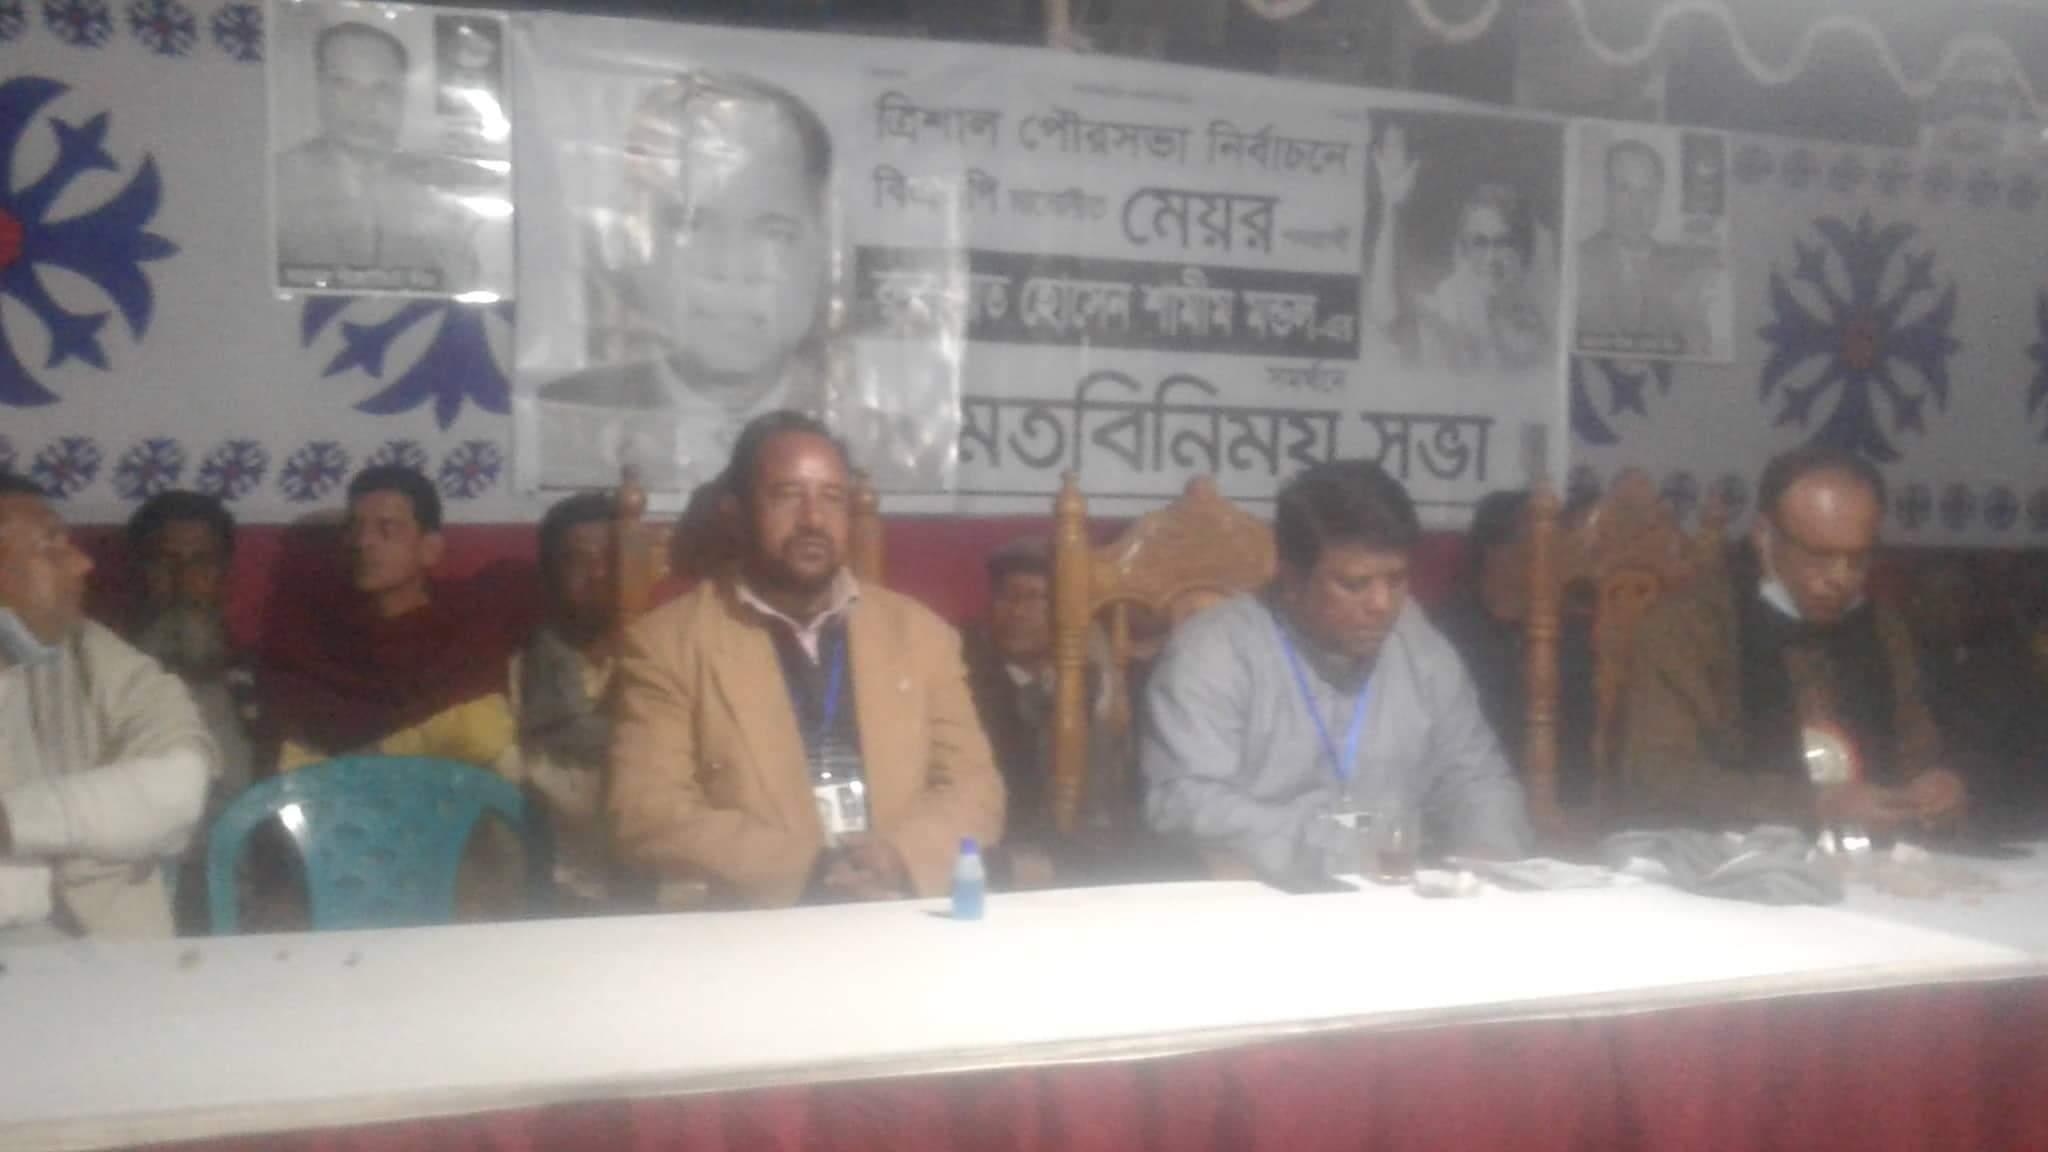 এিশালে বিএনপি মেয়র প্রার্থী রুবায়েত হোসেন শামীম মন্ডল এর সমথর্নে মতবিনিময় সভা অনুষ্ঠিত